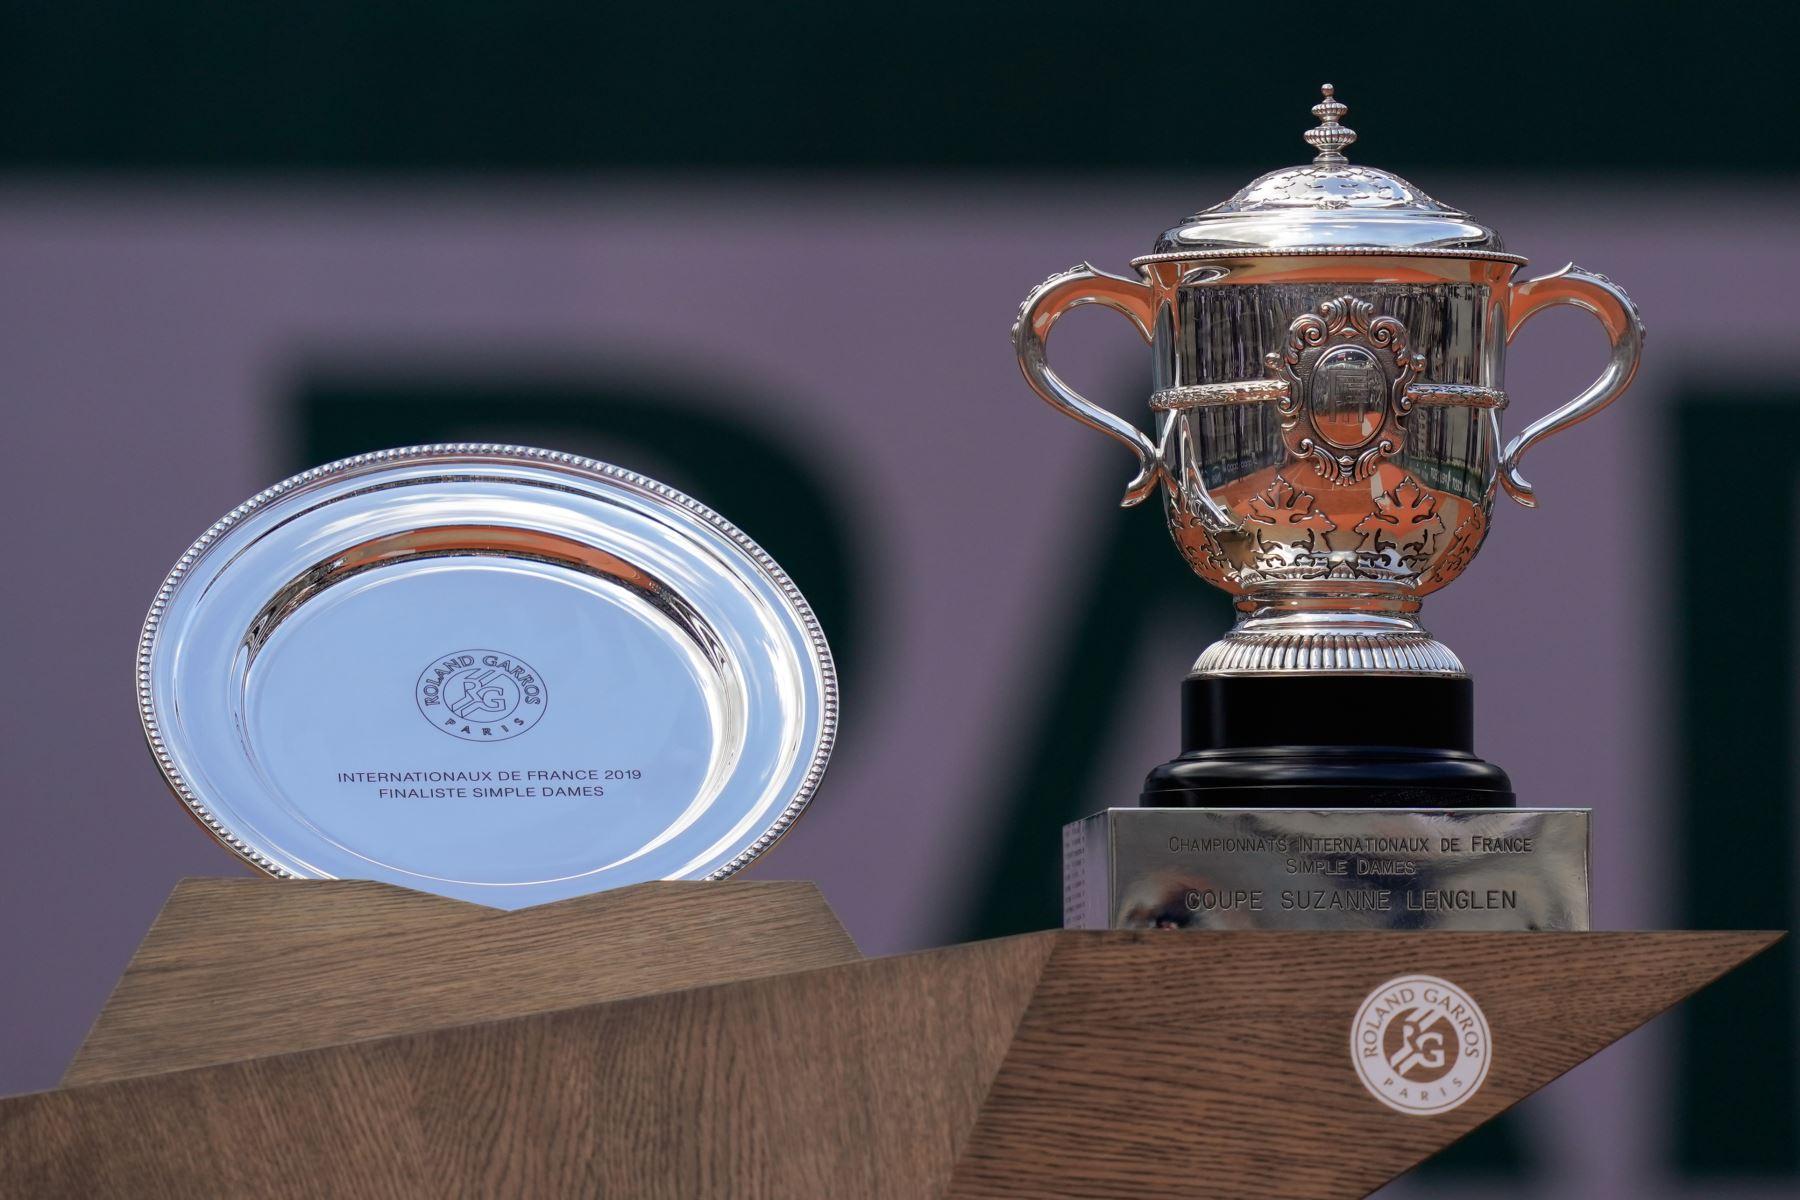 El segundo clasificado para Marketa Vondrousova (L) de la República Checa y el trofeo Suzanne Lenglen para la ganadora Ashleigh Barty (R) de Australia se exhiben durante la ceremonia del podio al final del partido final de individuales femenino  del Abierto de Francia 2019 de Roland Garros.  Foto:AFP